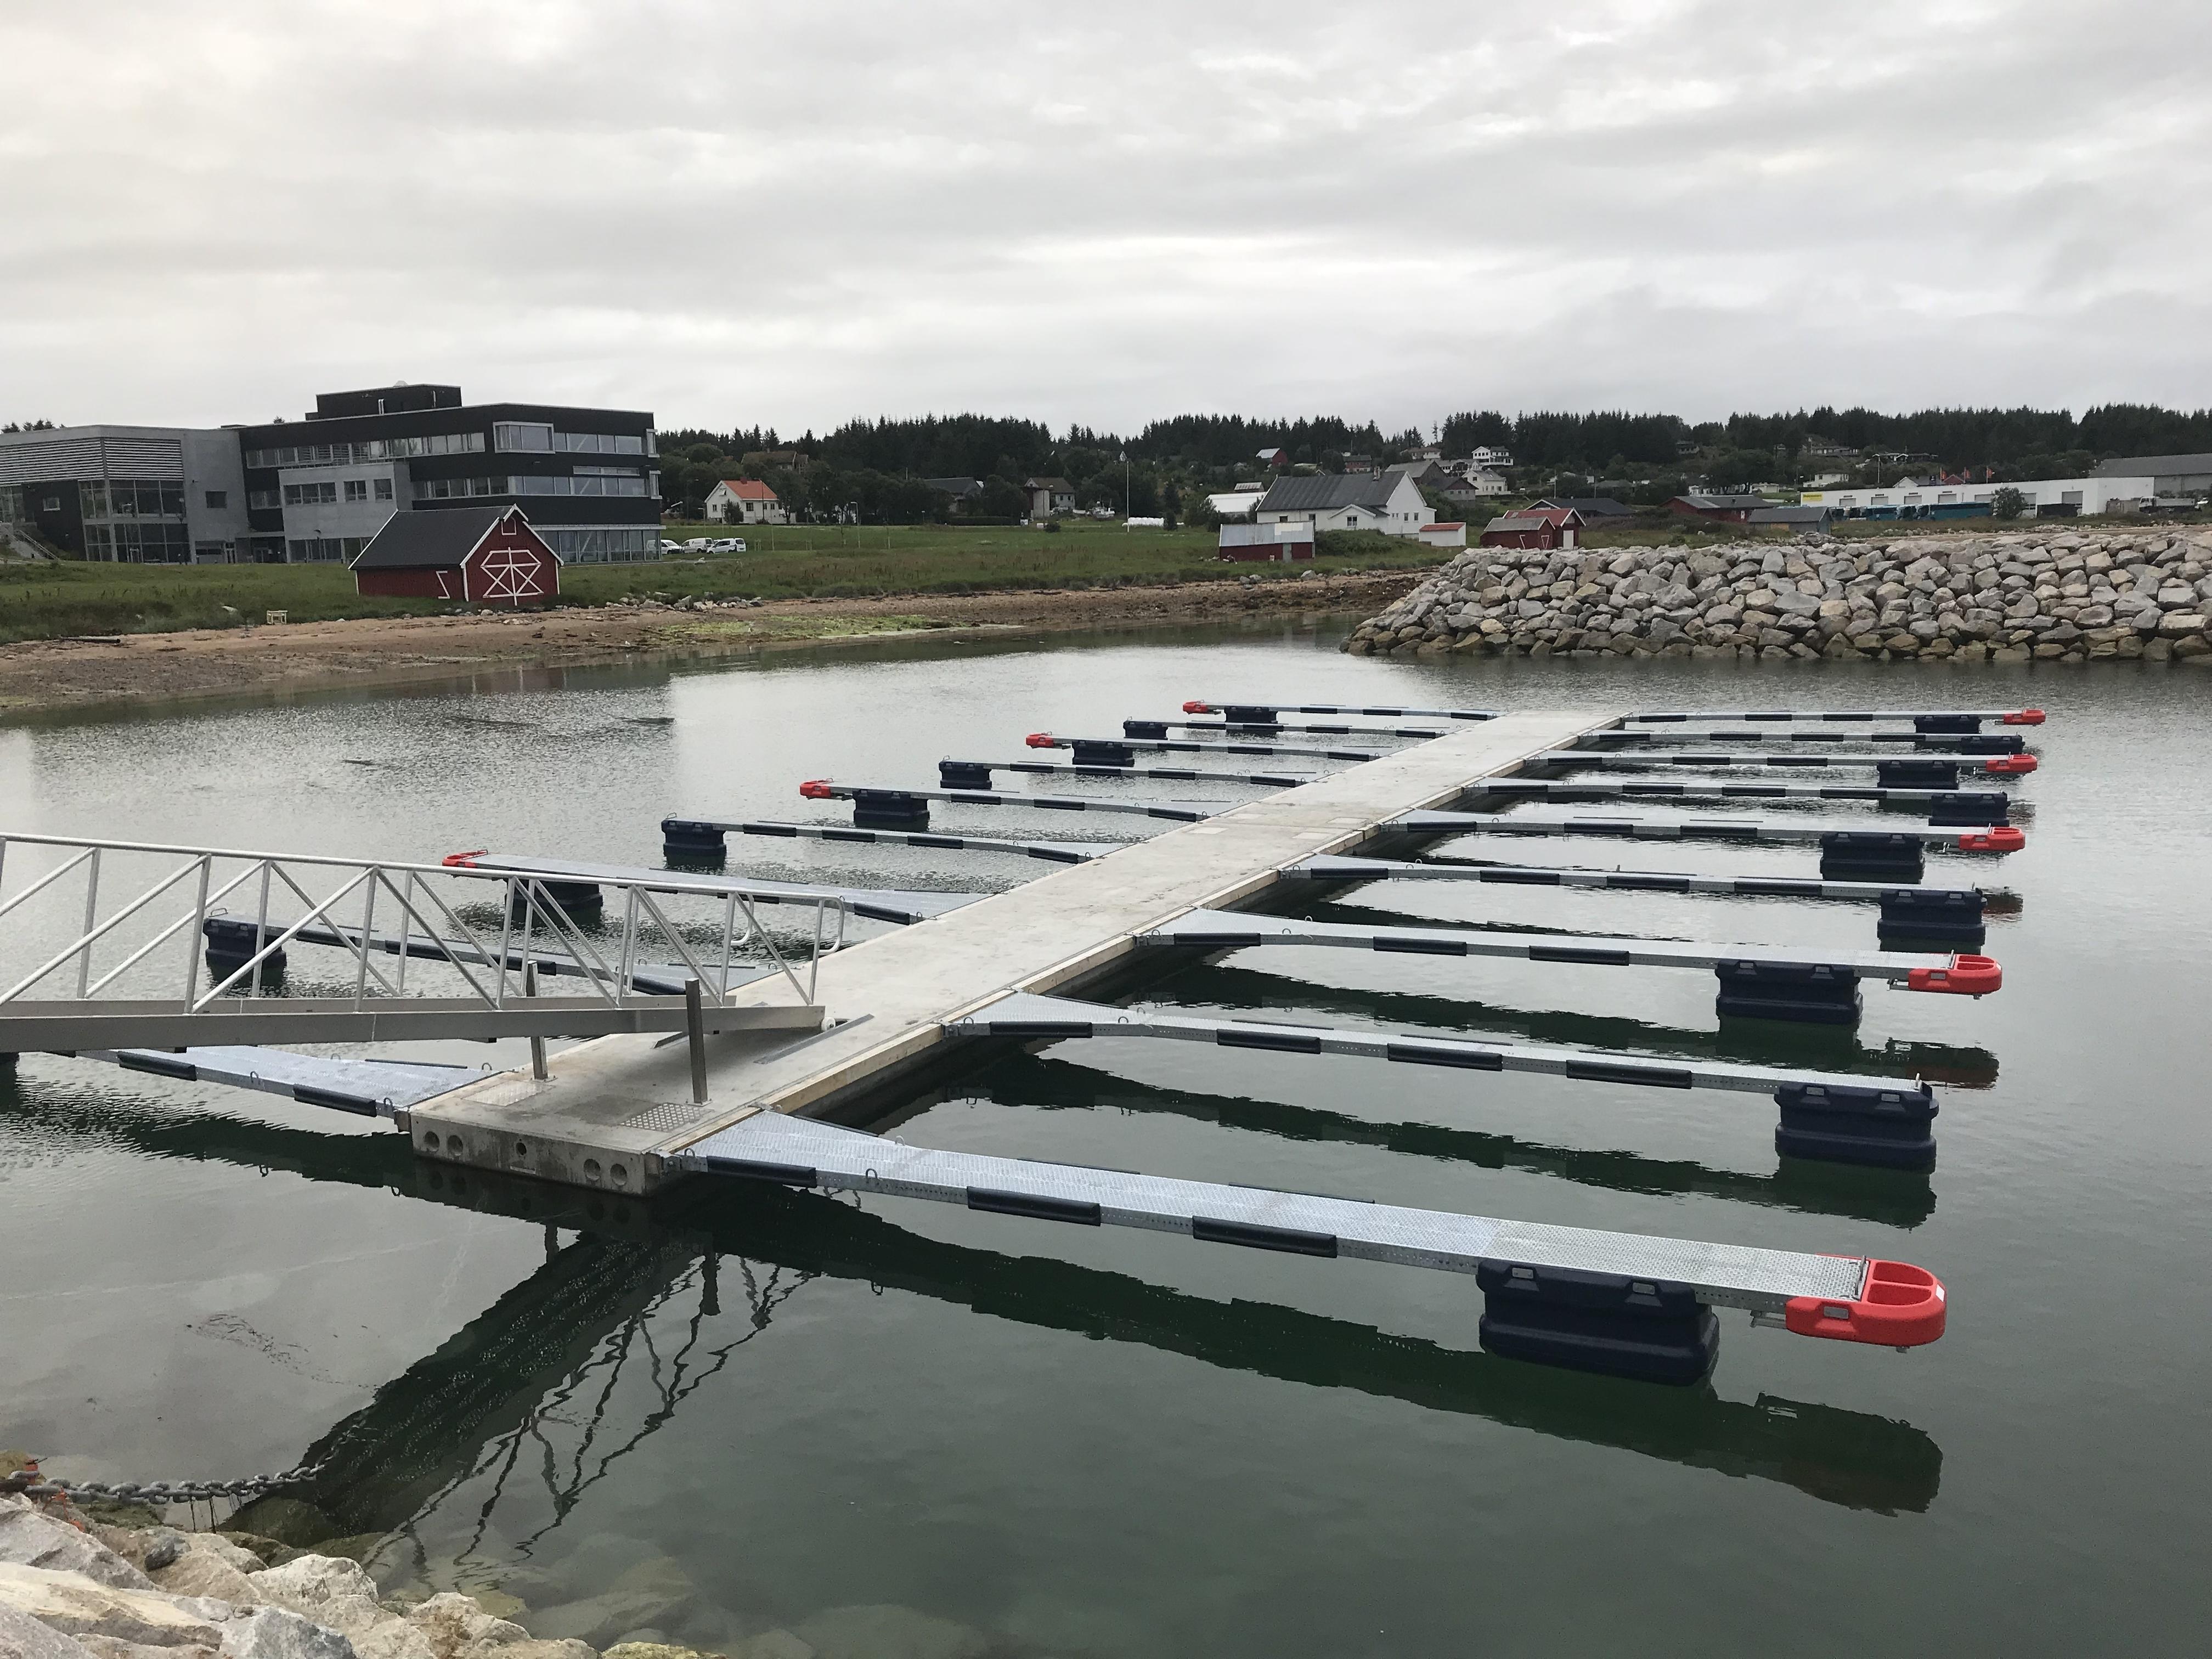 https://marinasolutions.no/uploads/Guri-kunna-VGS-småbåthavn-og-flytekai-Marina-Solutions.jpg